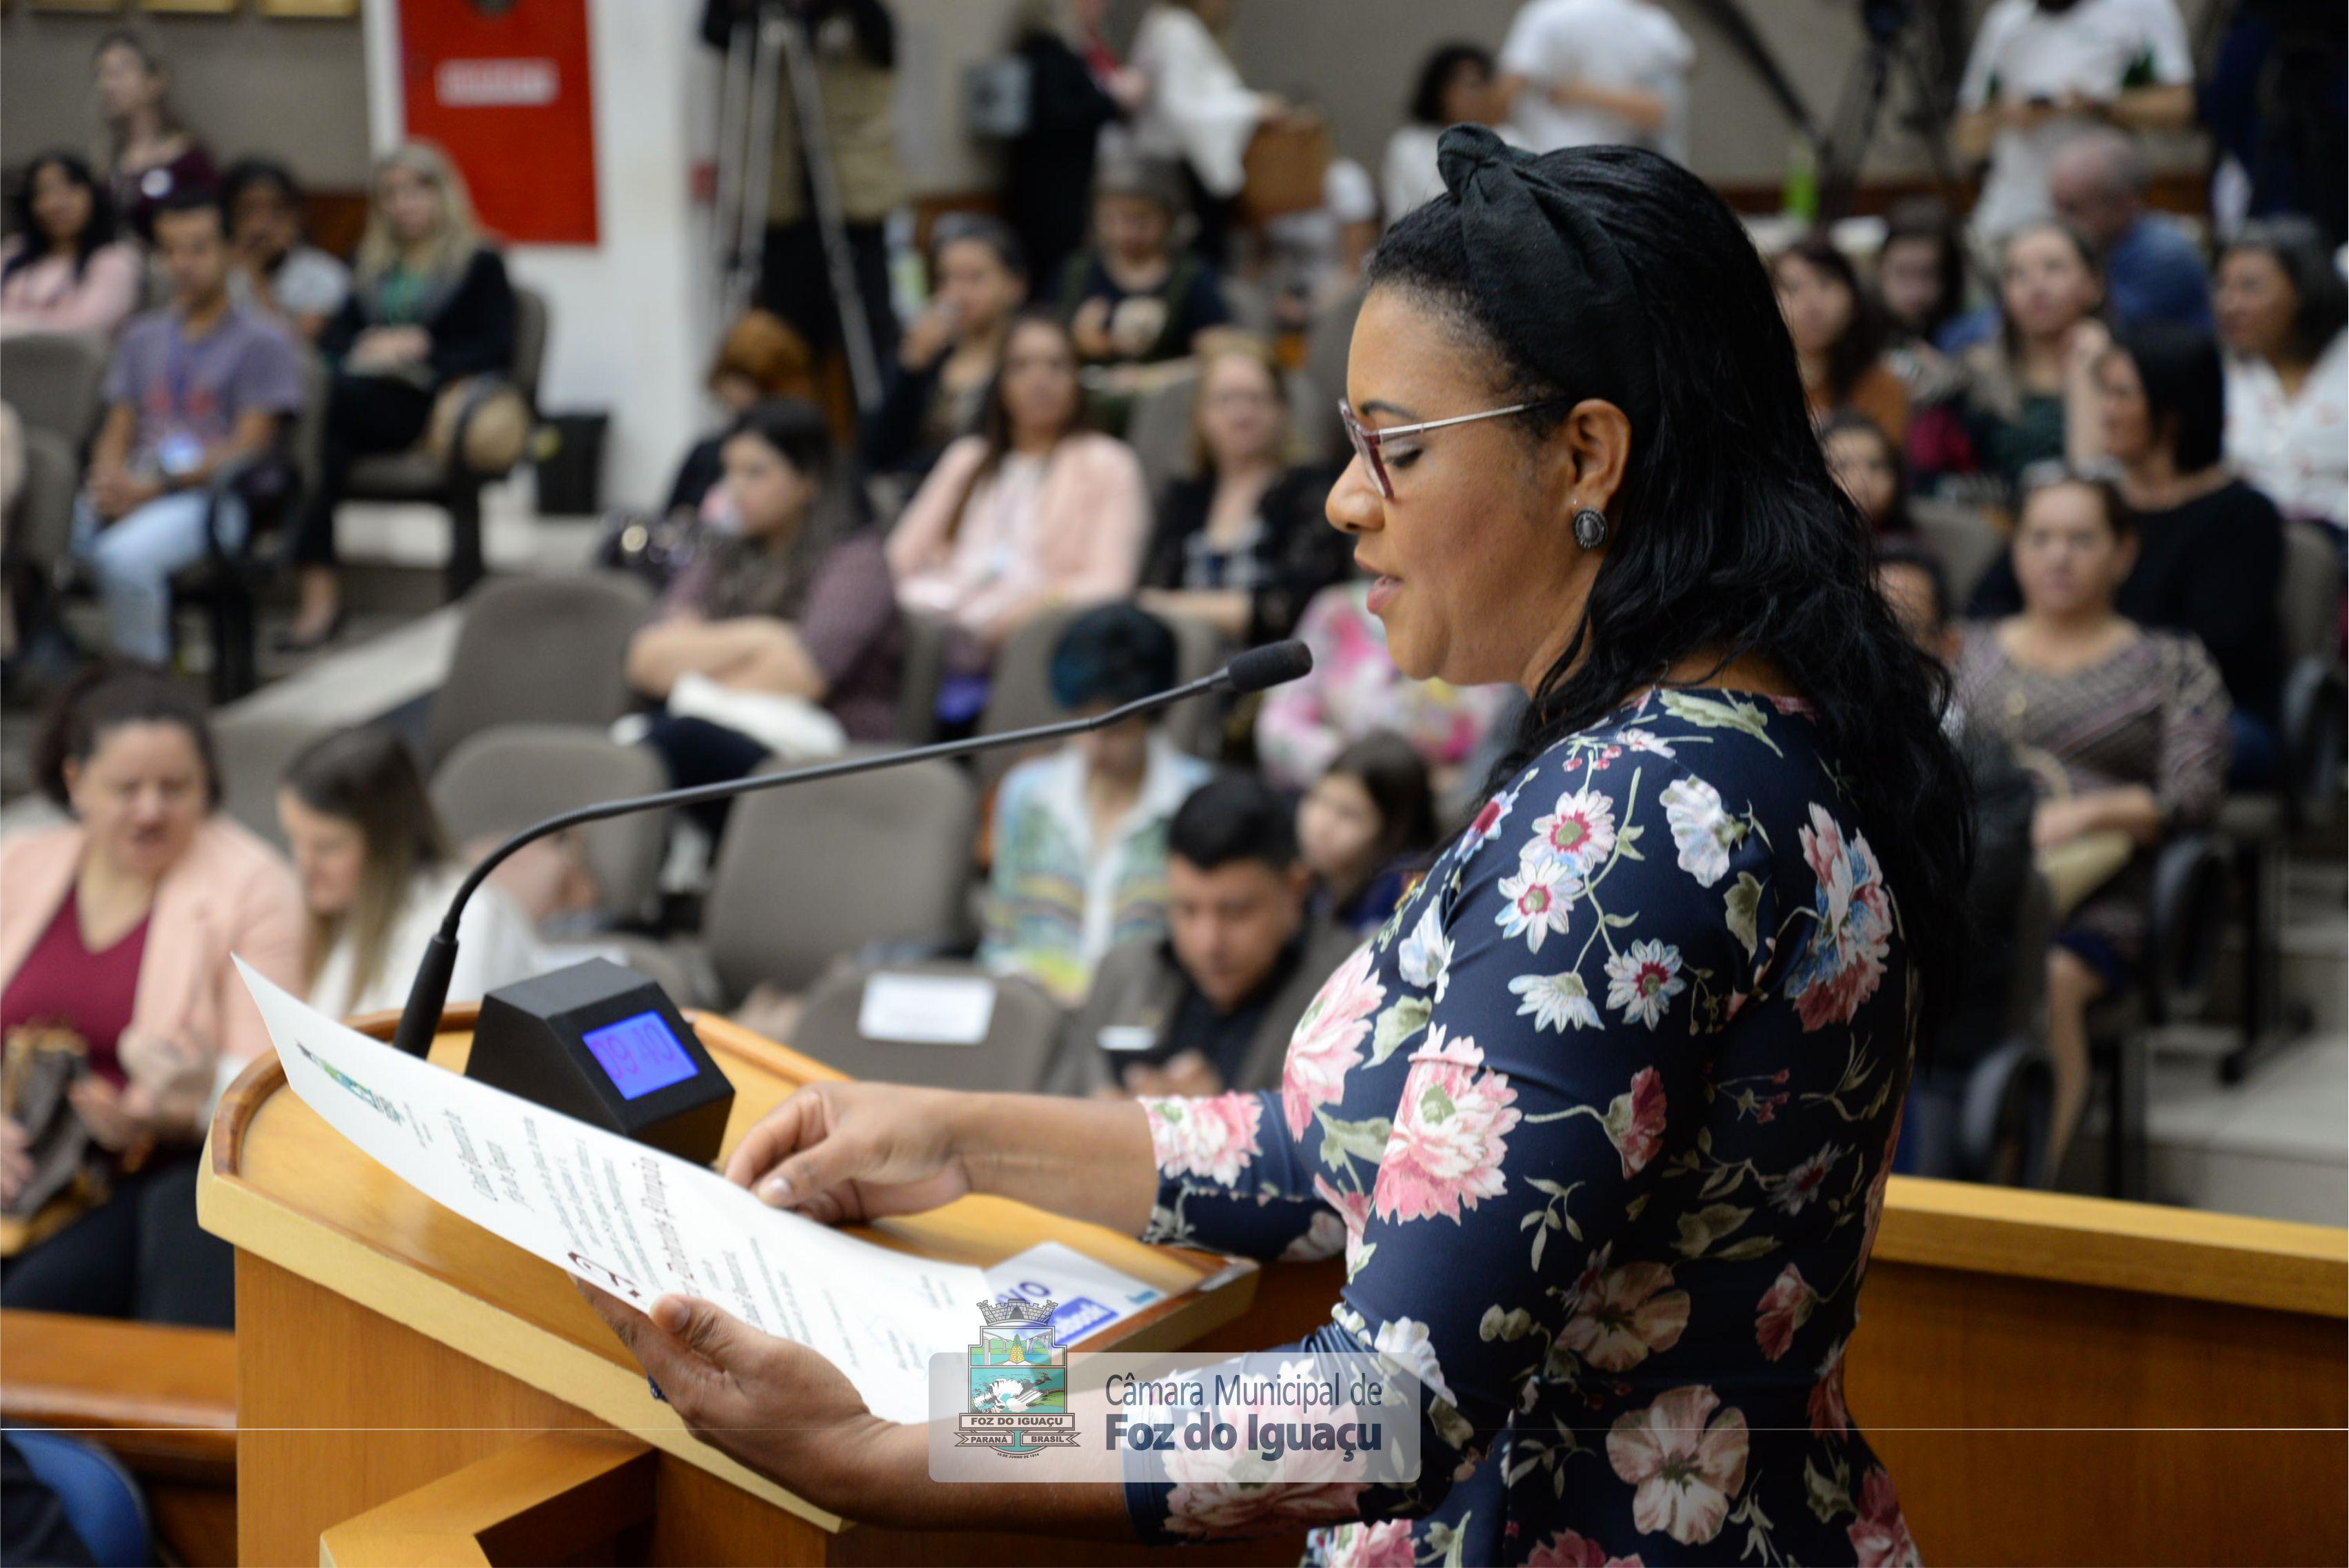 Entrega de Título de Cidadã Honorária a Desembargadora Rosemarie Diedrichs - 12-08 (18)